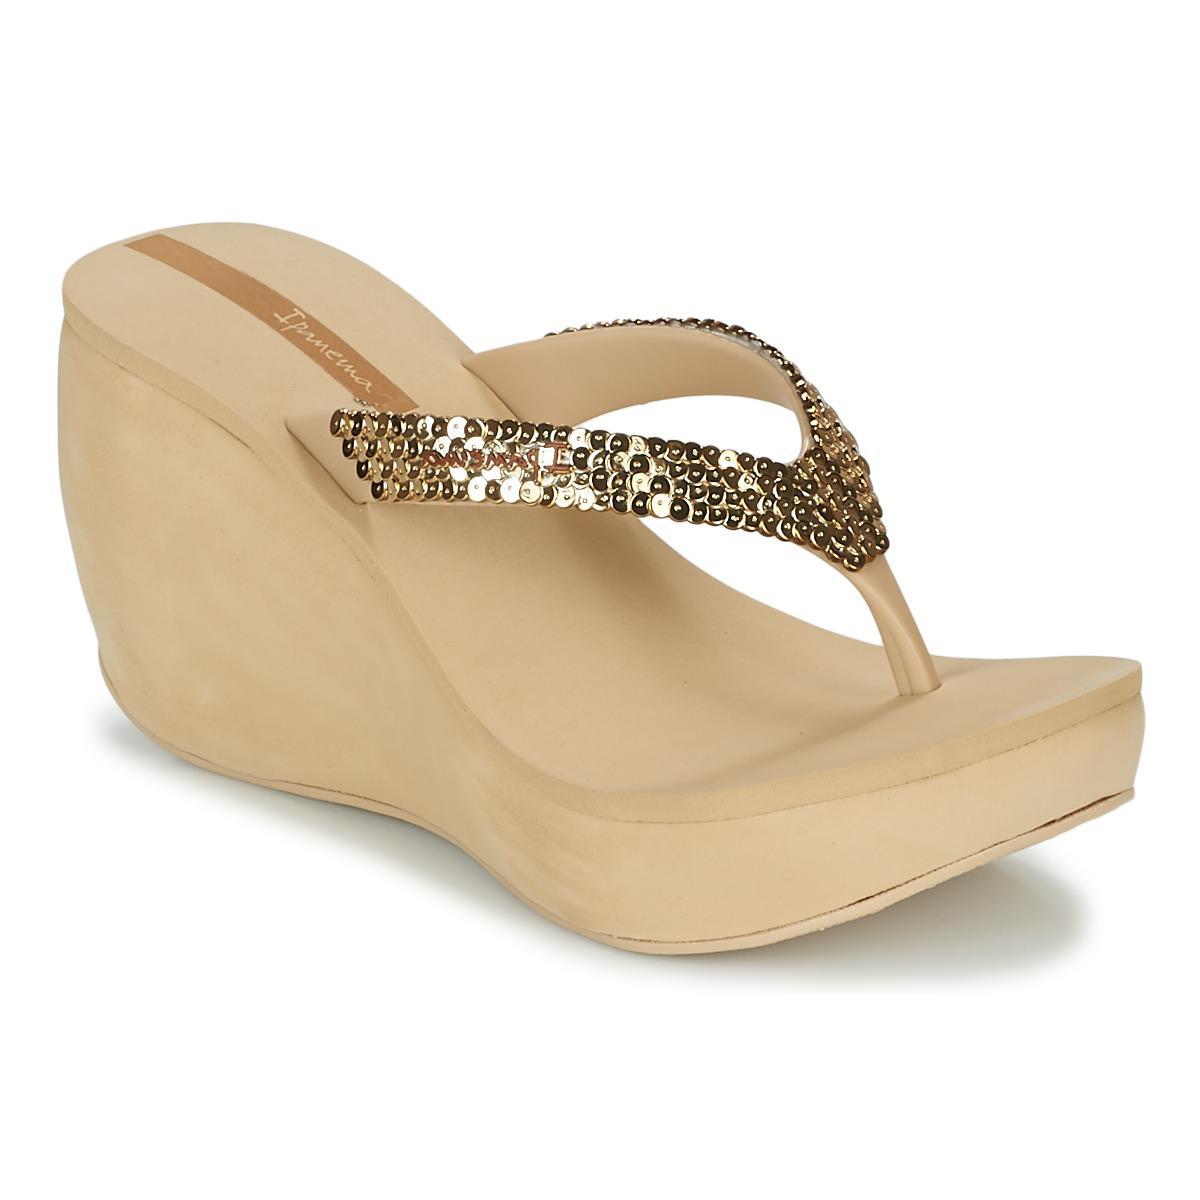 2526c7e9a56 Ipanema Lipstick Bolero Ii Women s Flip Flops   Sandals (shoes) In ...